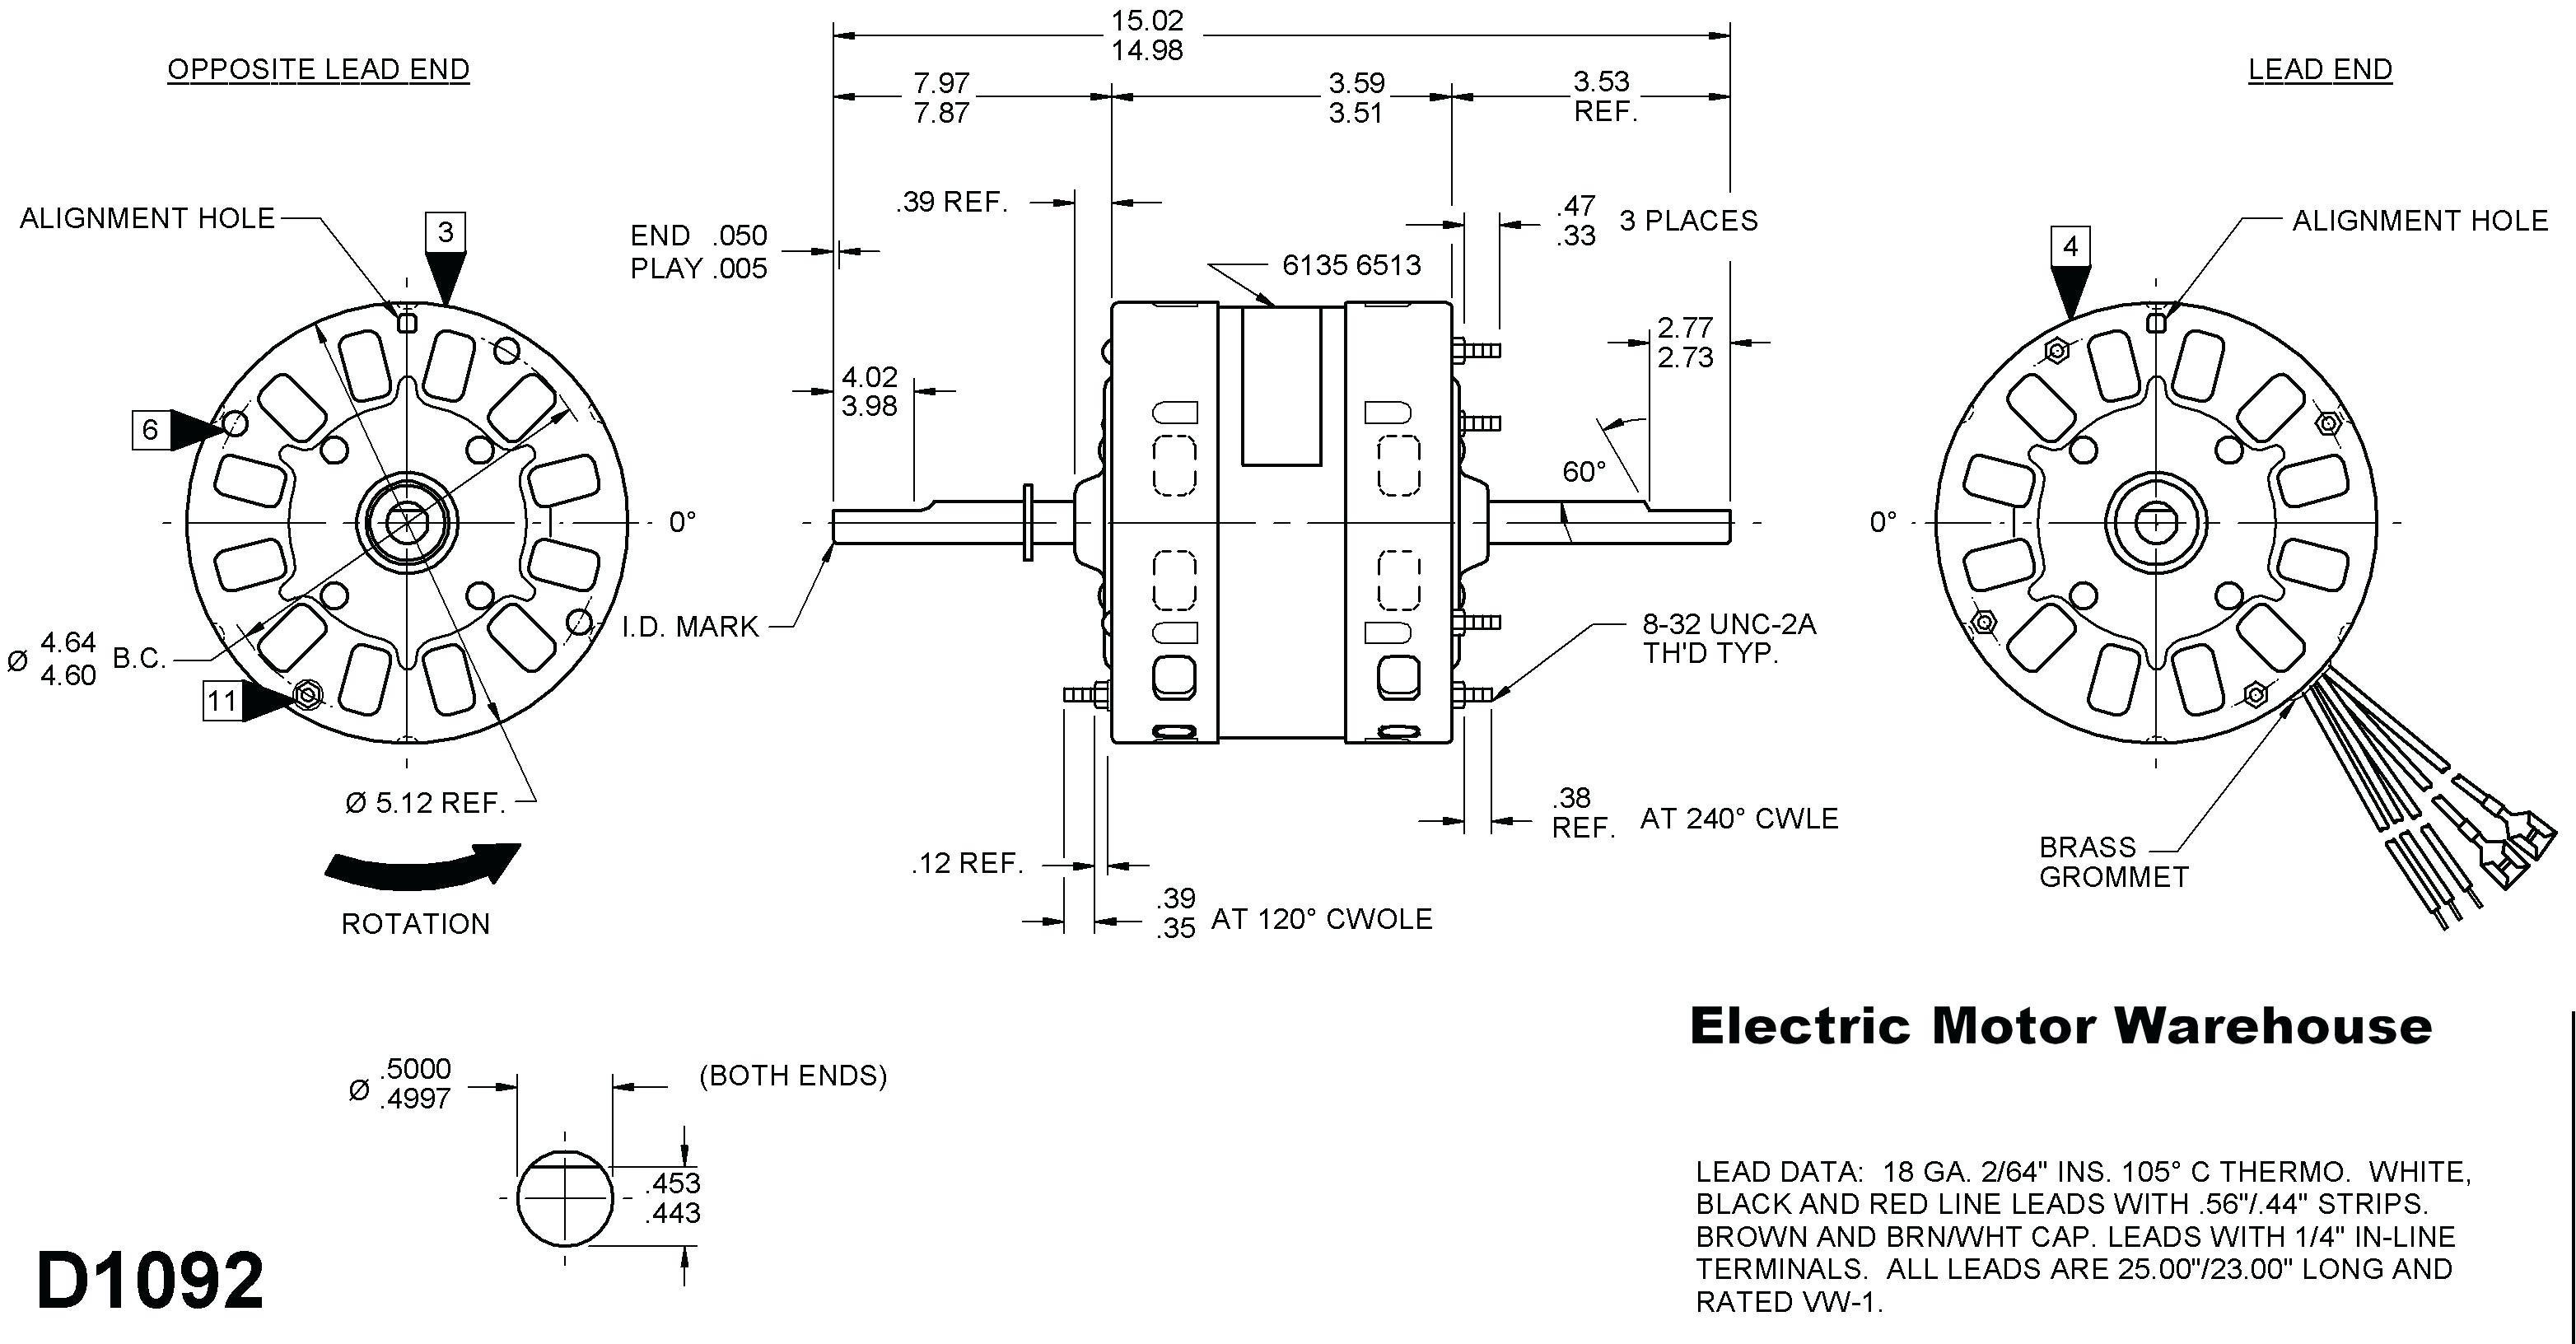 3 Wire Condenser Fan Motor Wiring Diagram Luxury Electric Motor Wiring Diagram Capacitor Speed Wire